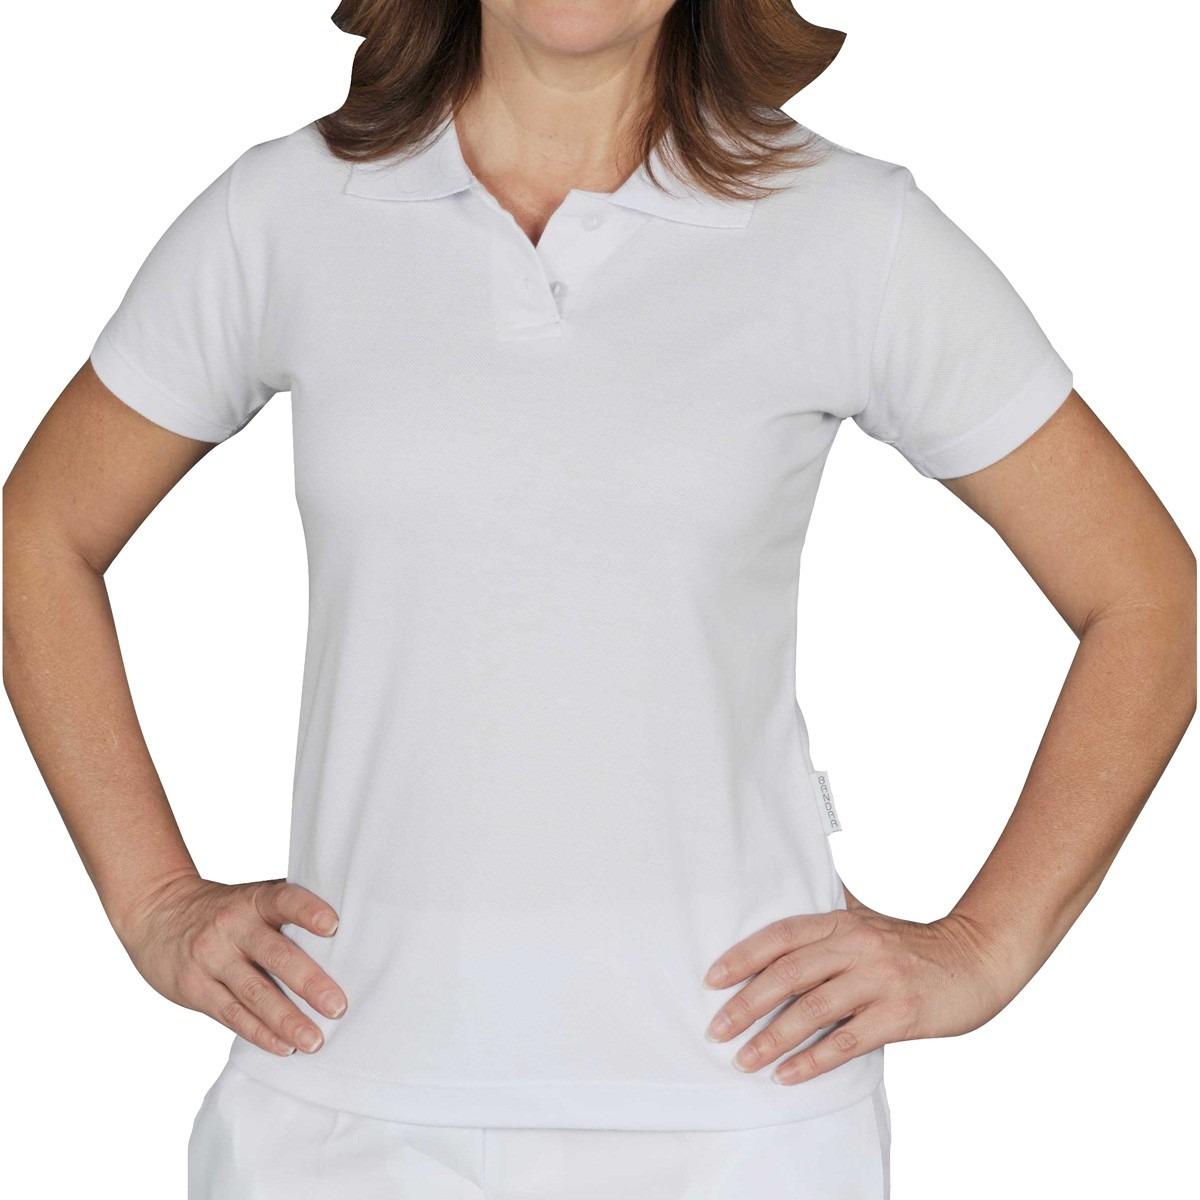 a9e6d430024b8 camiseta polo piquet feminina branca manga curta bu26. Carregando zoom.